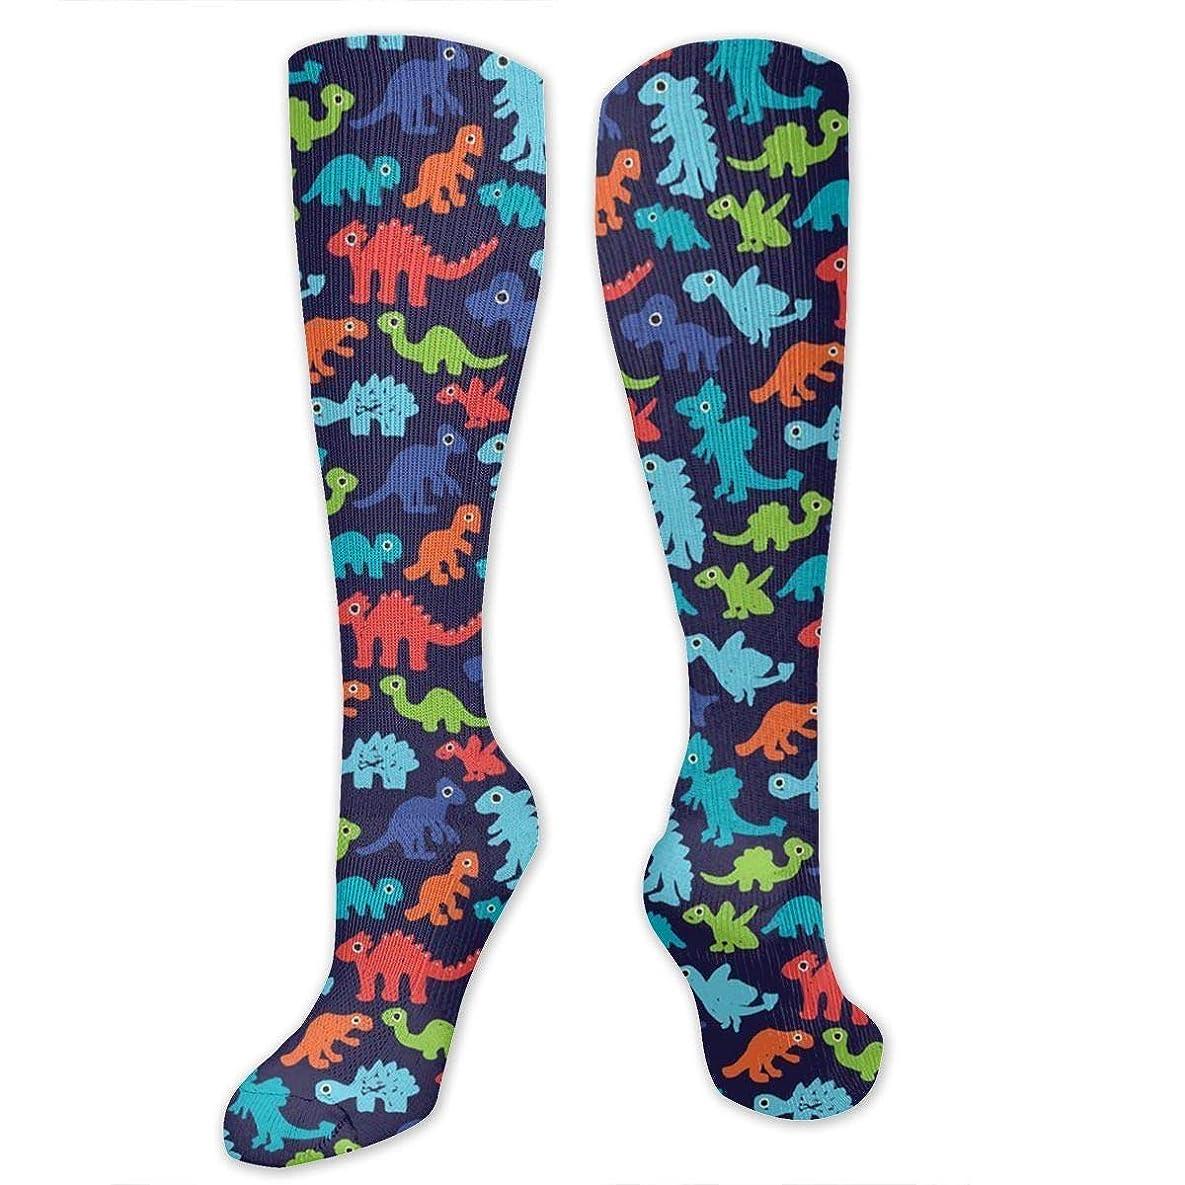 注目すべきリブサスペンション靴下,ストッキング,野生のジョーカー,実際,秋の本質,冬必須,サマーウェア&RBXAA Dark Night Dinosaurs Socks Women's Winter Cotton Long Tube Socks Knee High Graduated Compression Socks